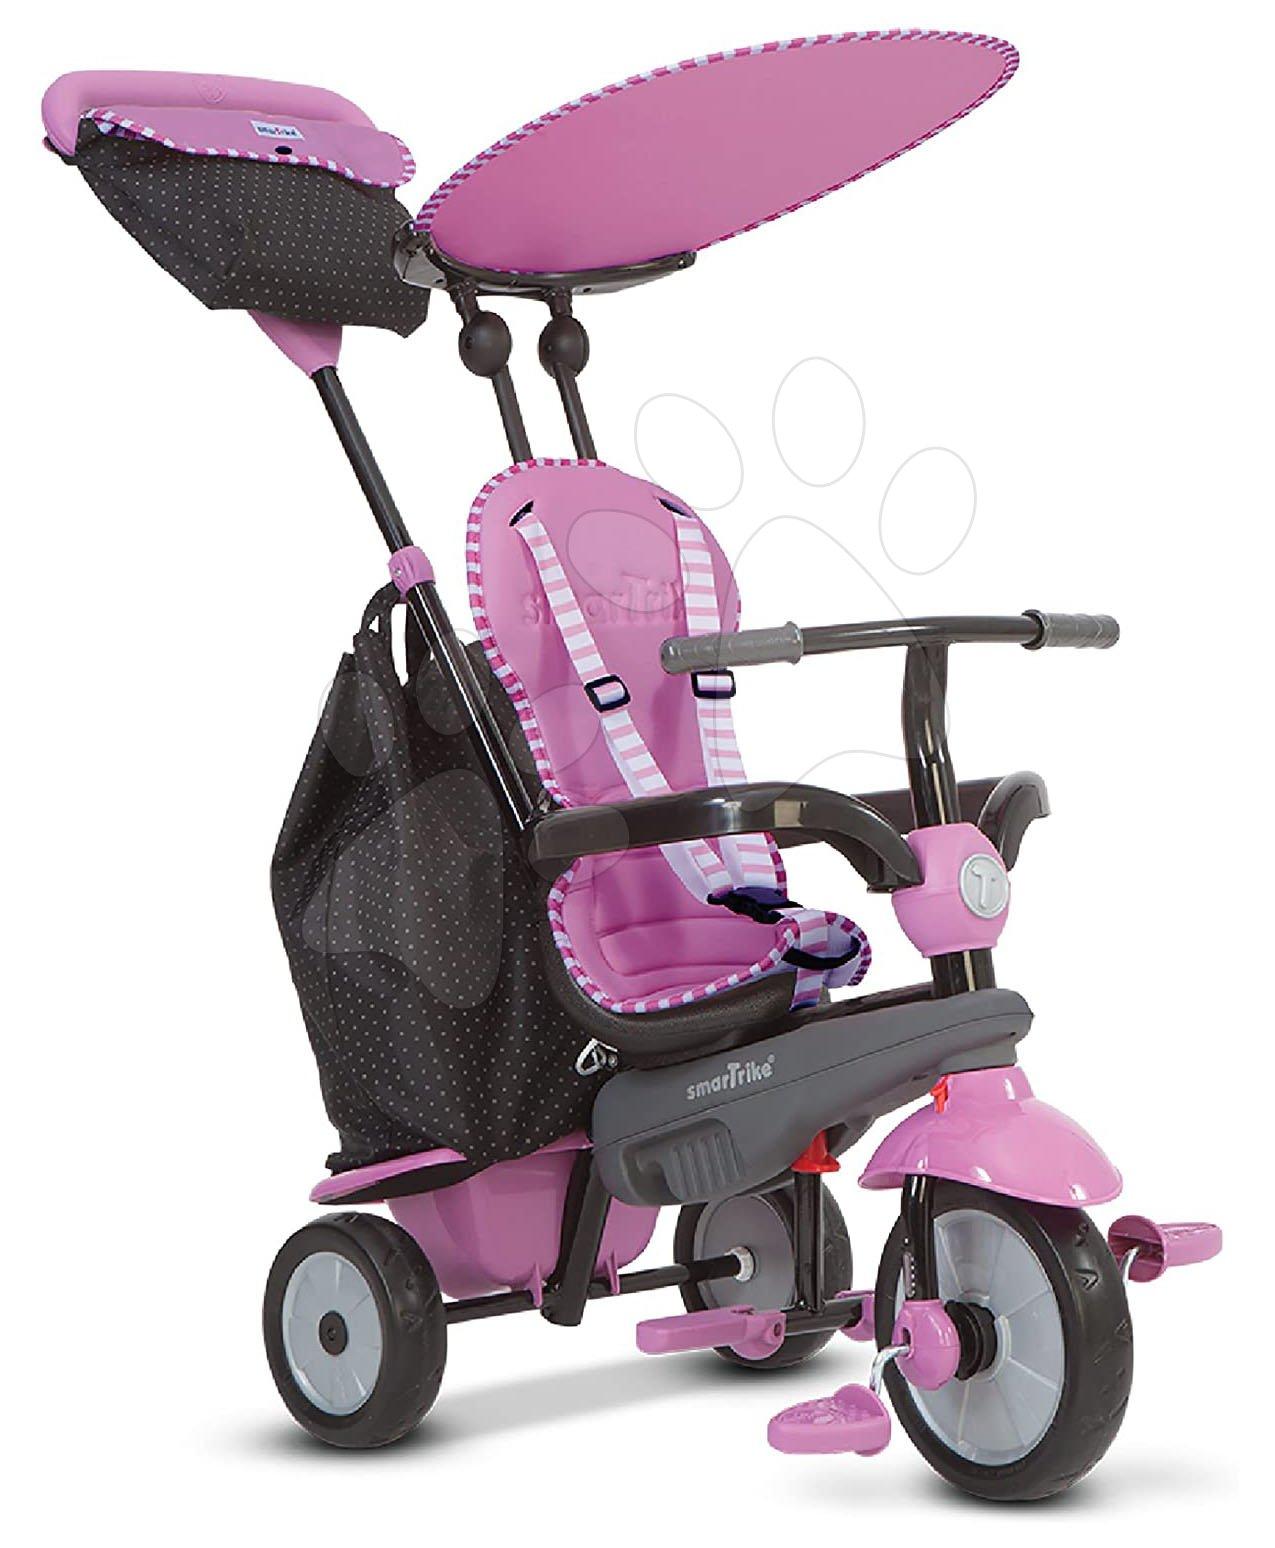 Tříkolka Shine 4v1 Touch Steering Grey&Pink smarTrike šedo-růžová od 10 měsíců